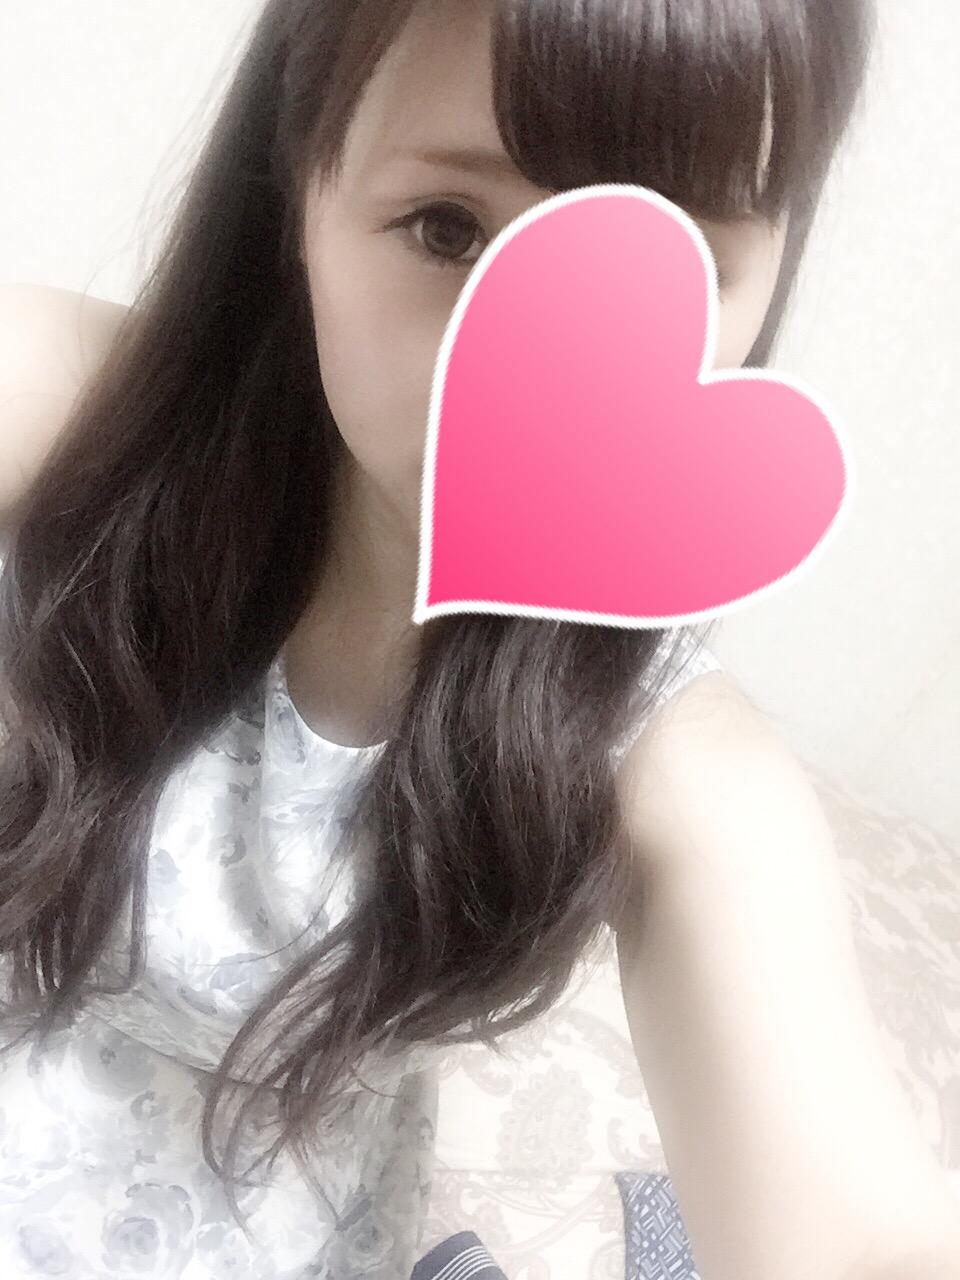 「今日のお礼♡」08/28(08/28) 03:33 | みずほの写メ・風俗動画